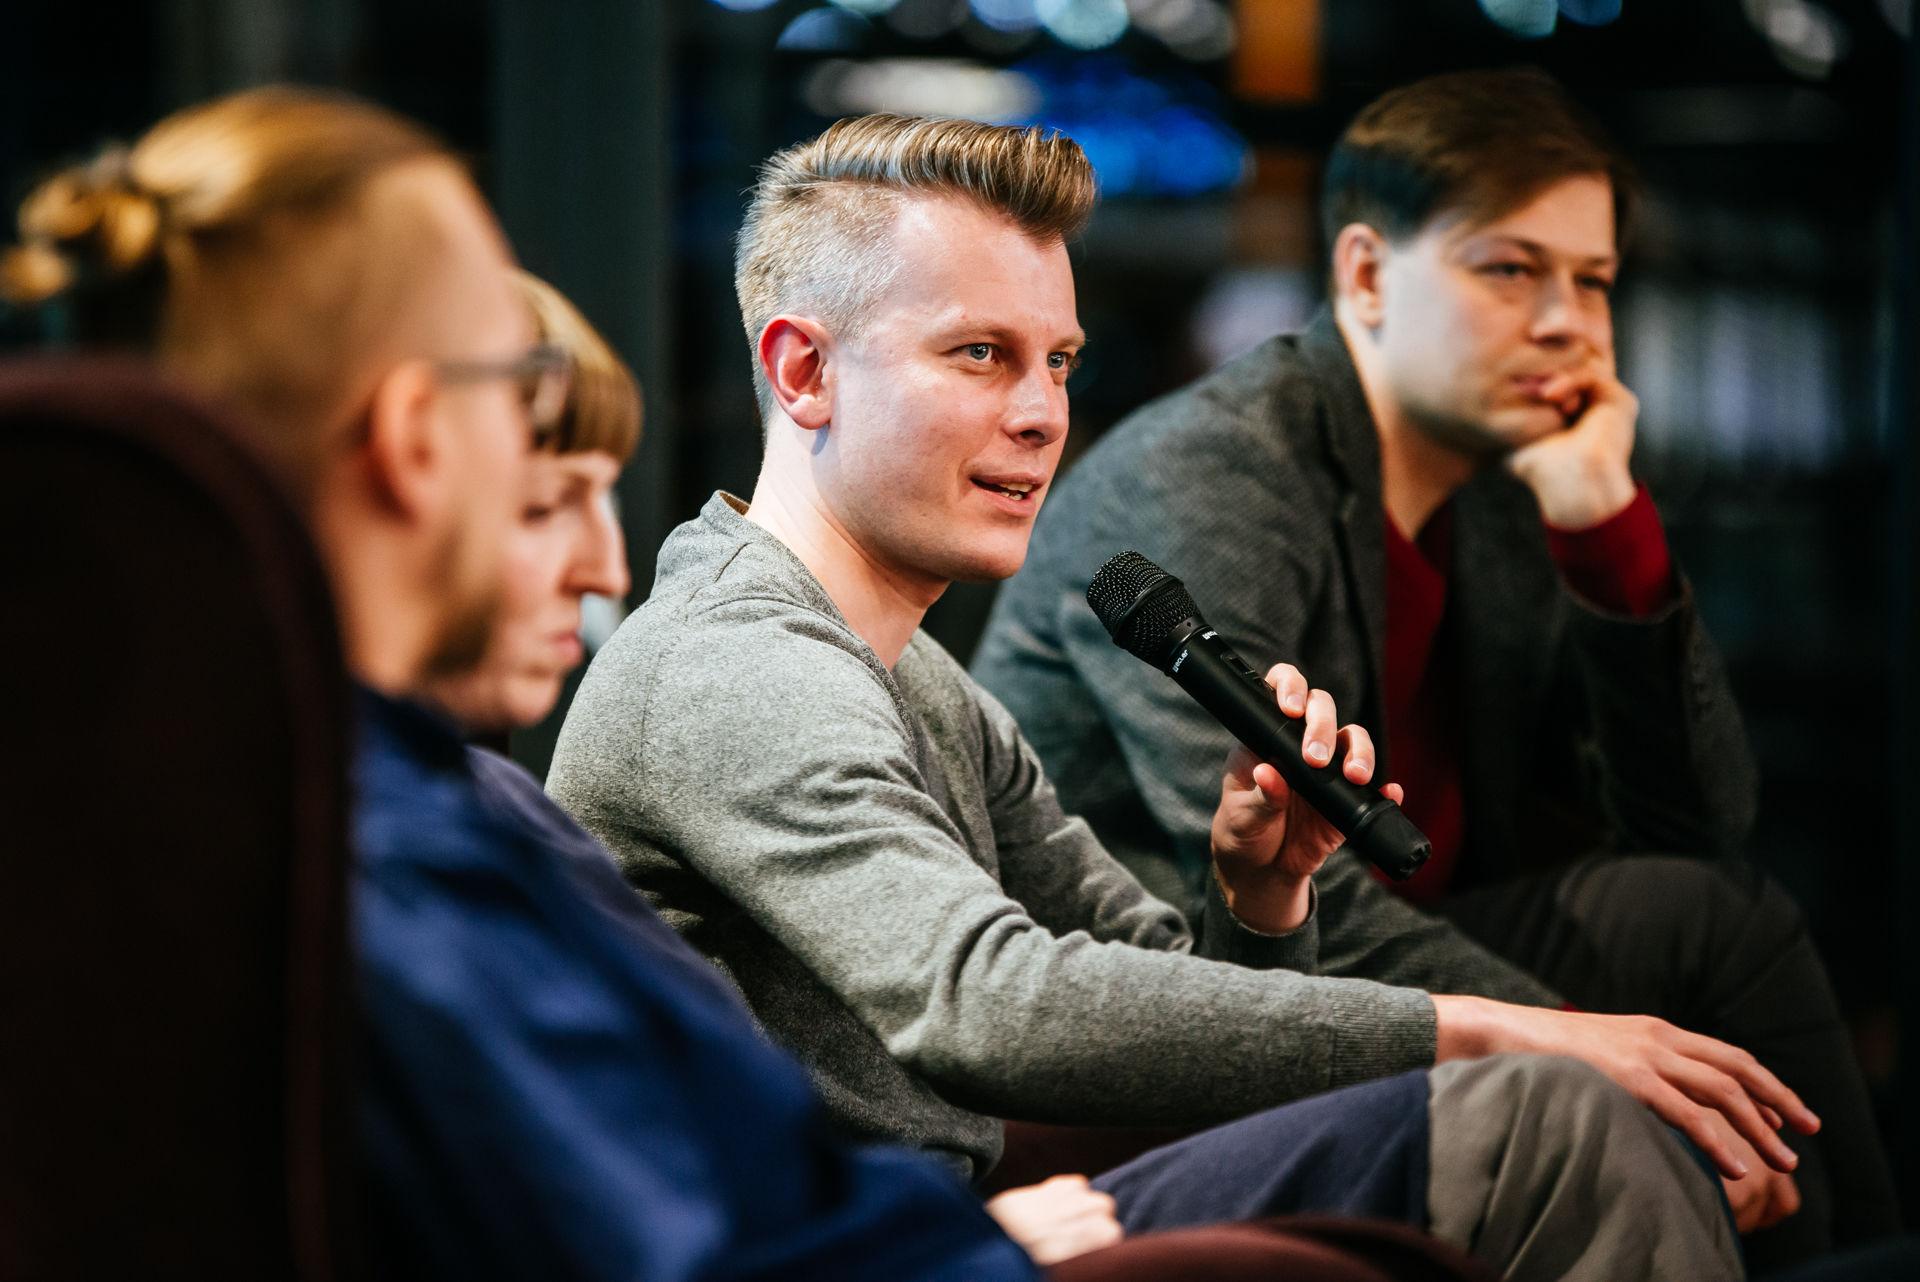 Dokumentacja fotograficzna wydarzenia, które zorganizował Civic Hub w Gdańsku